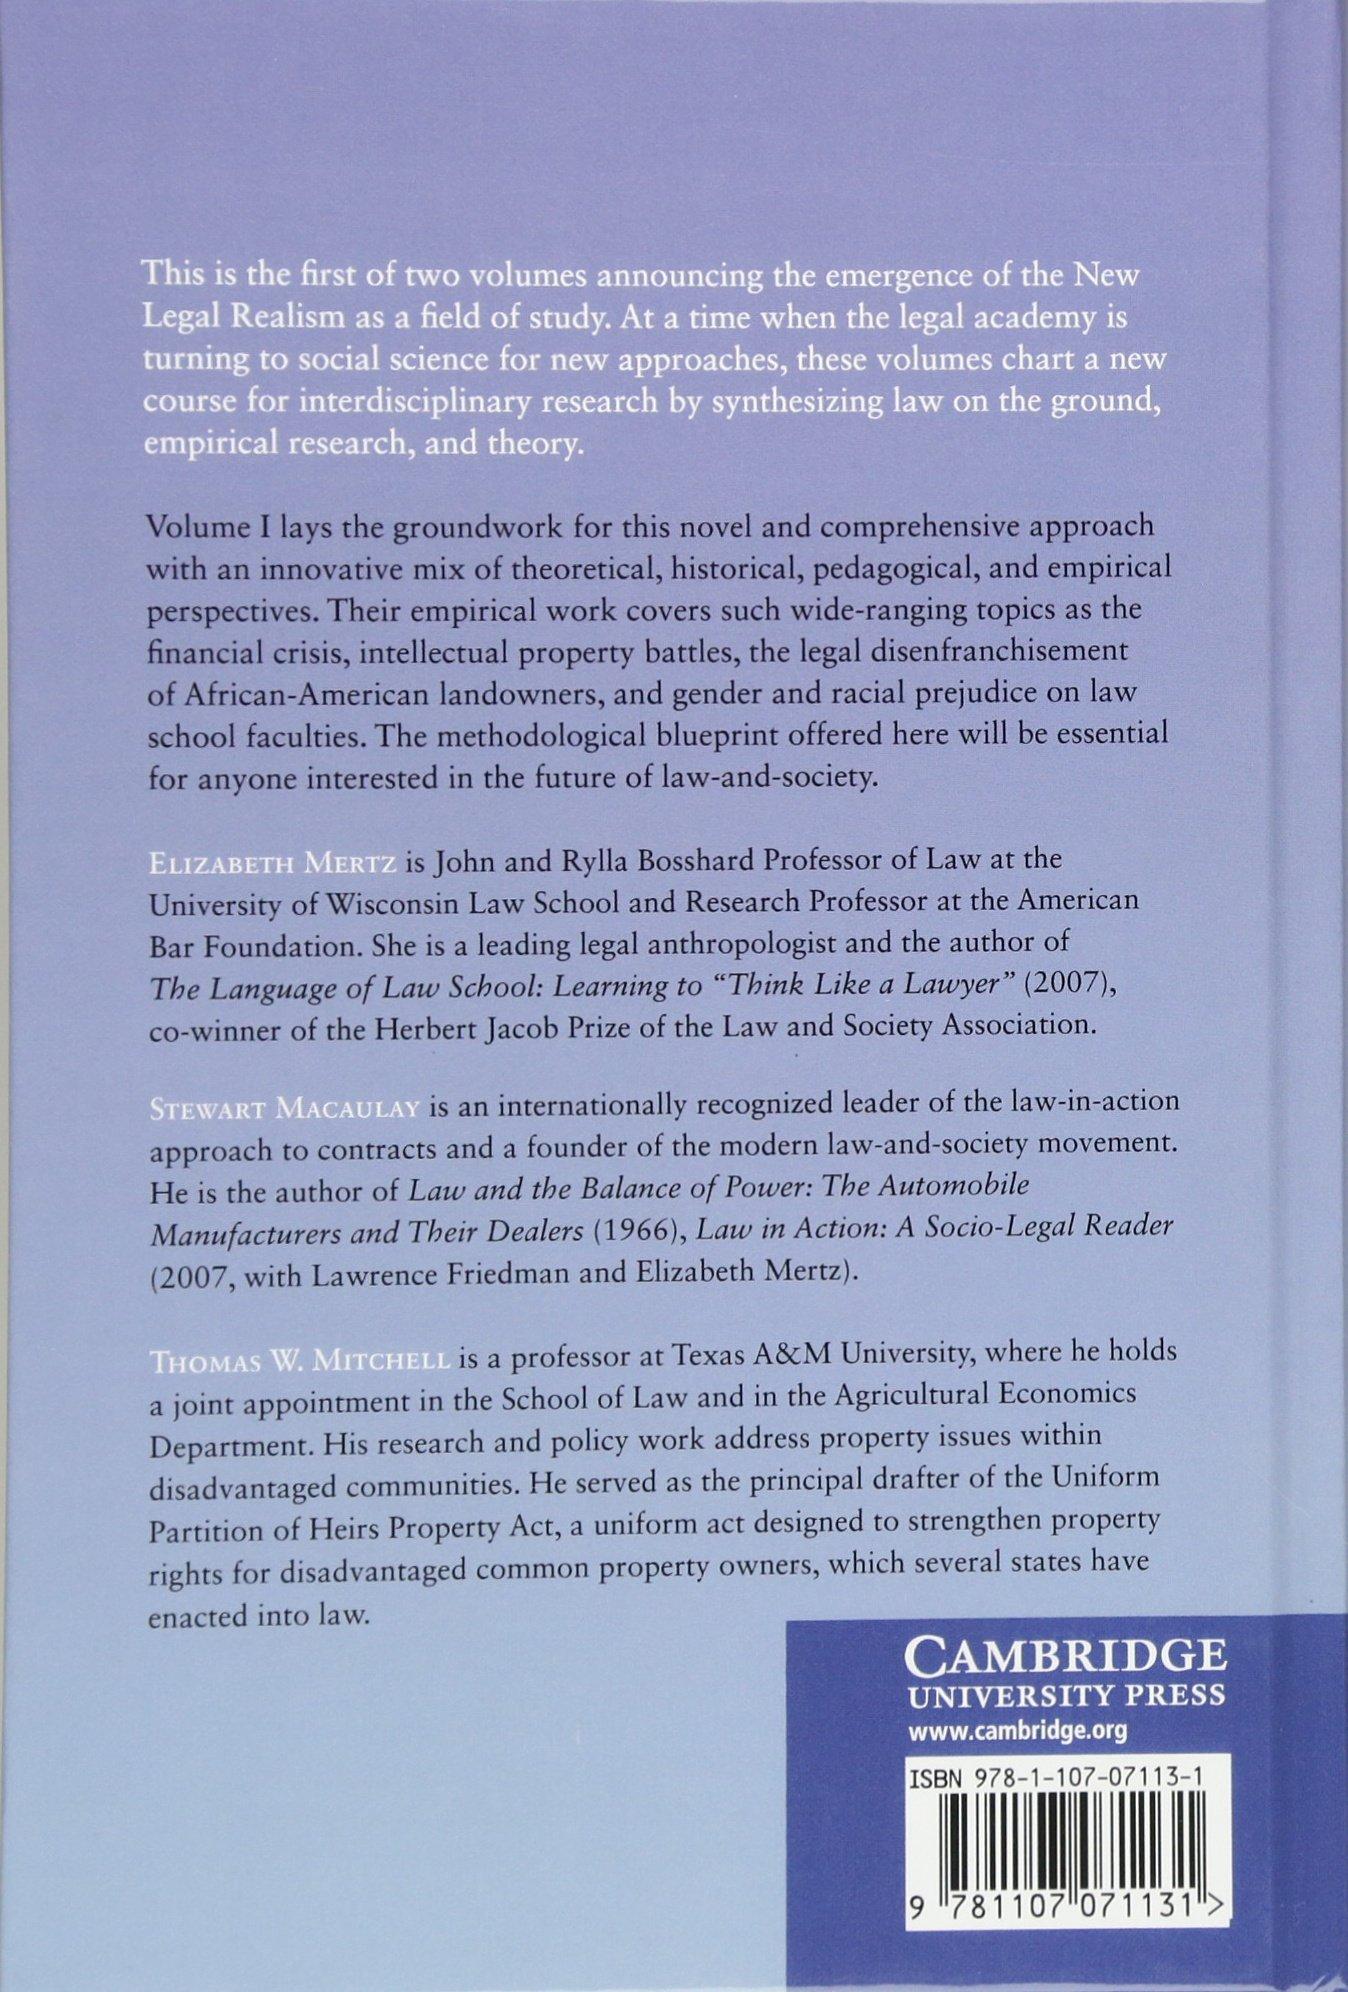 The new legal realism volume 1 translating law and society for the new legal realism volume 1 translating law and society for todays legal practice amazon elizabeth mertz stewart macaulay malvernweather Choice Image